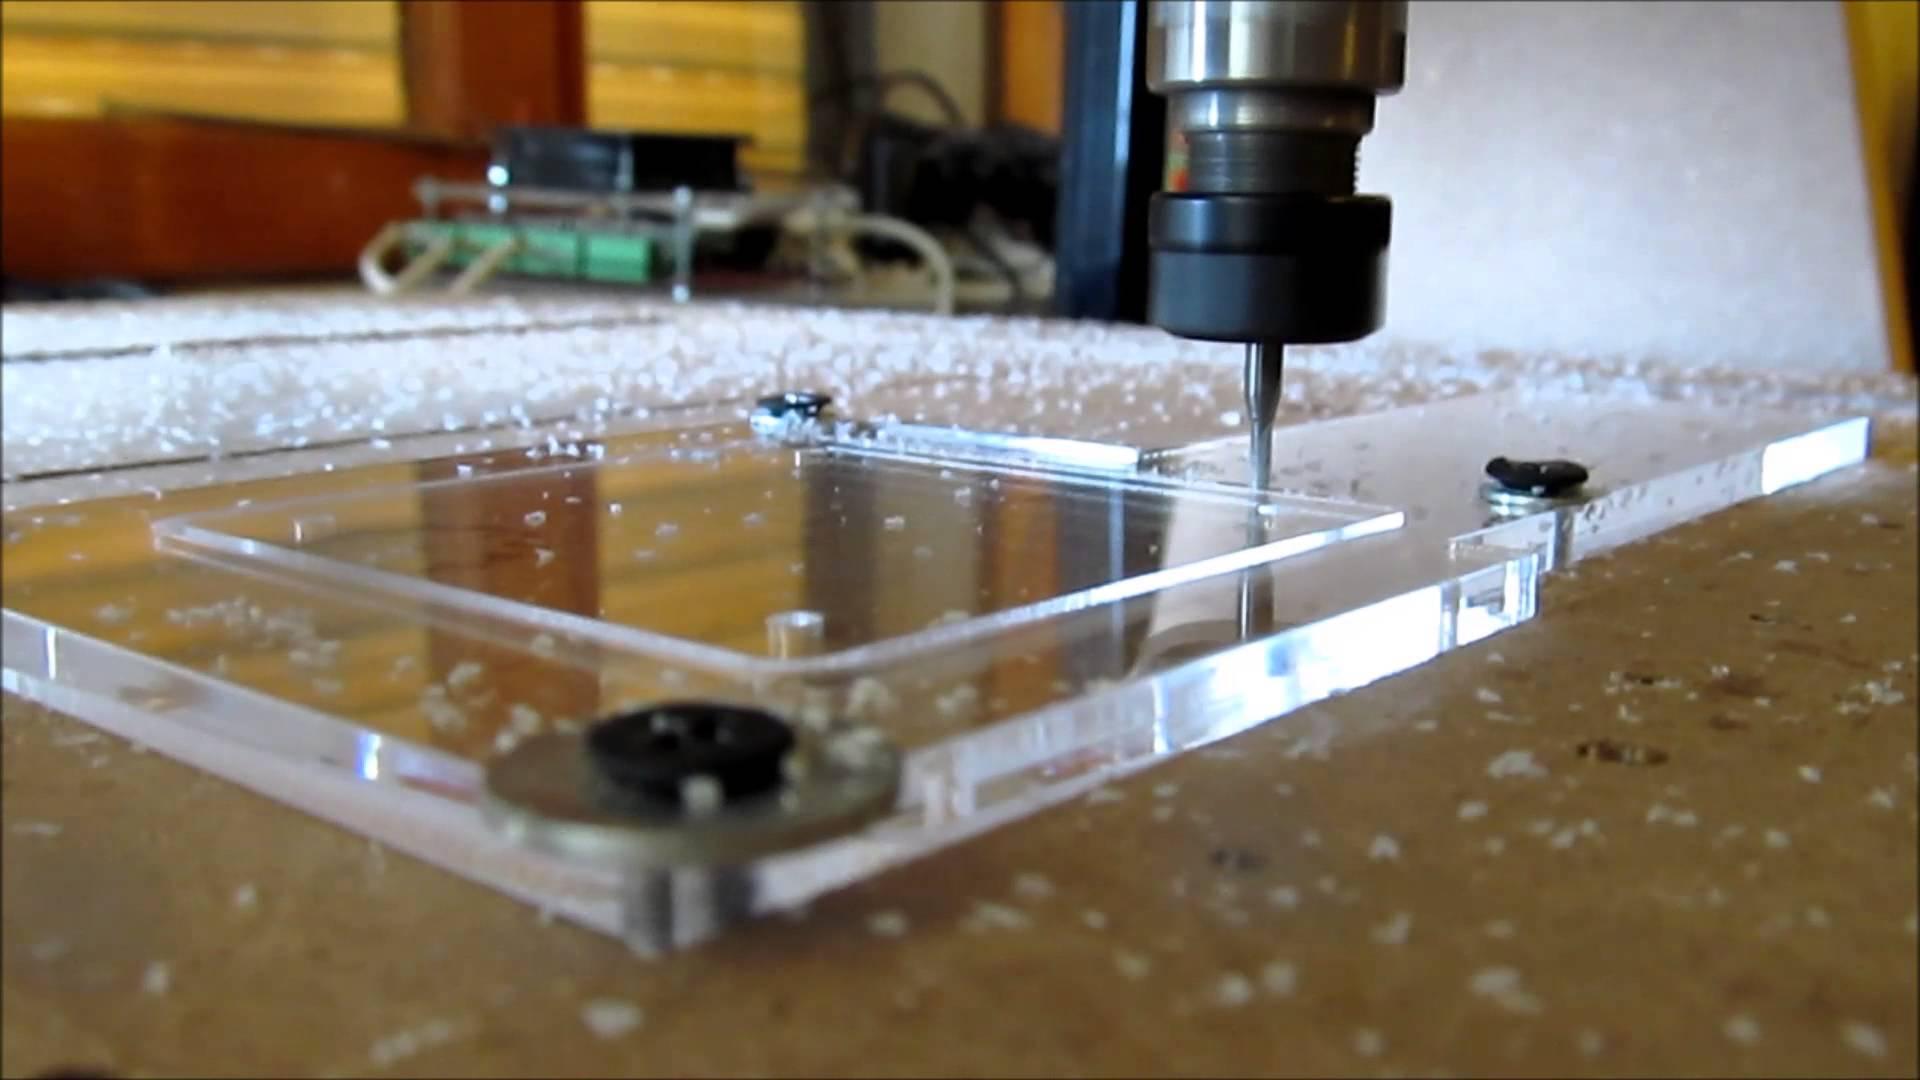 Cắt laser, khắc laser trên mica đẹp, giá rẻ nhất trên thị trường